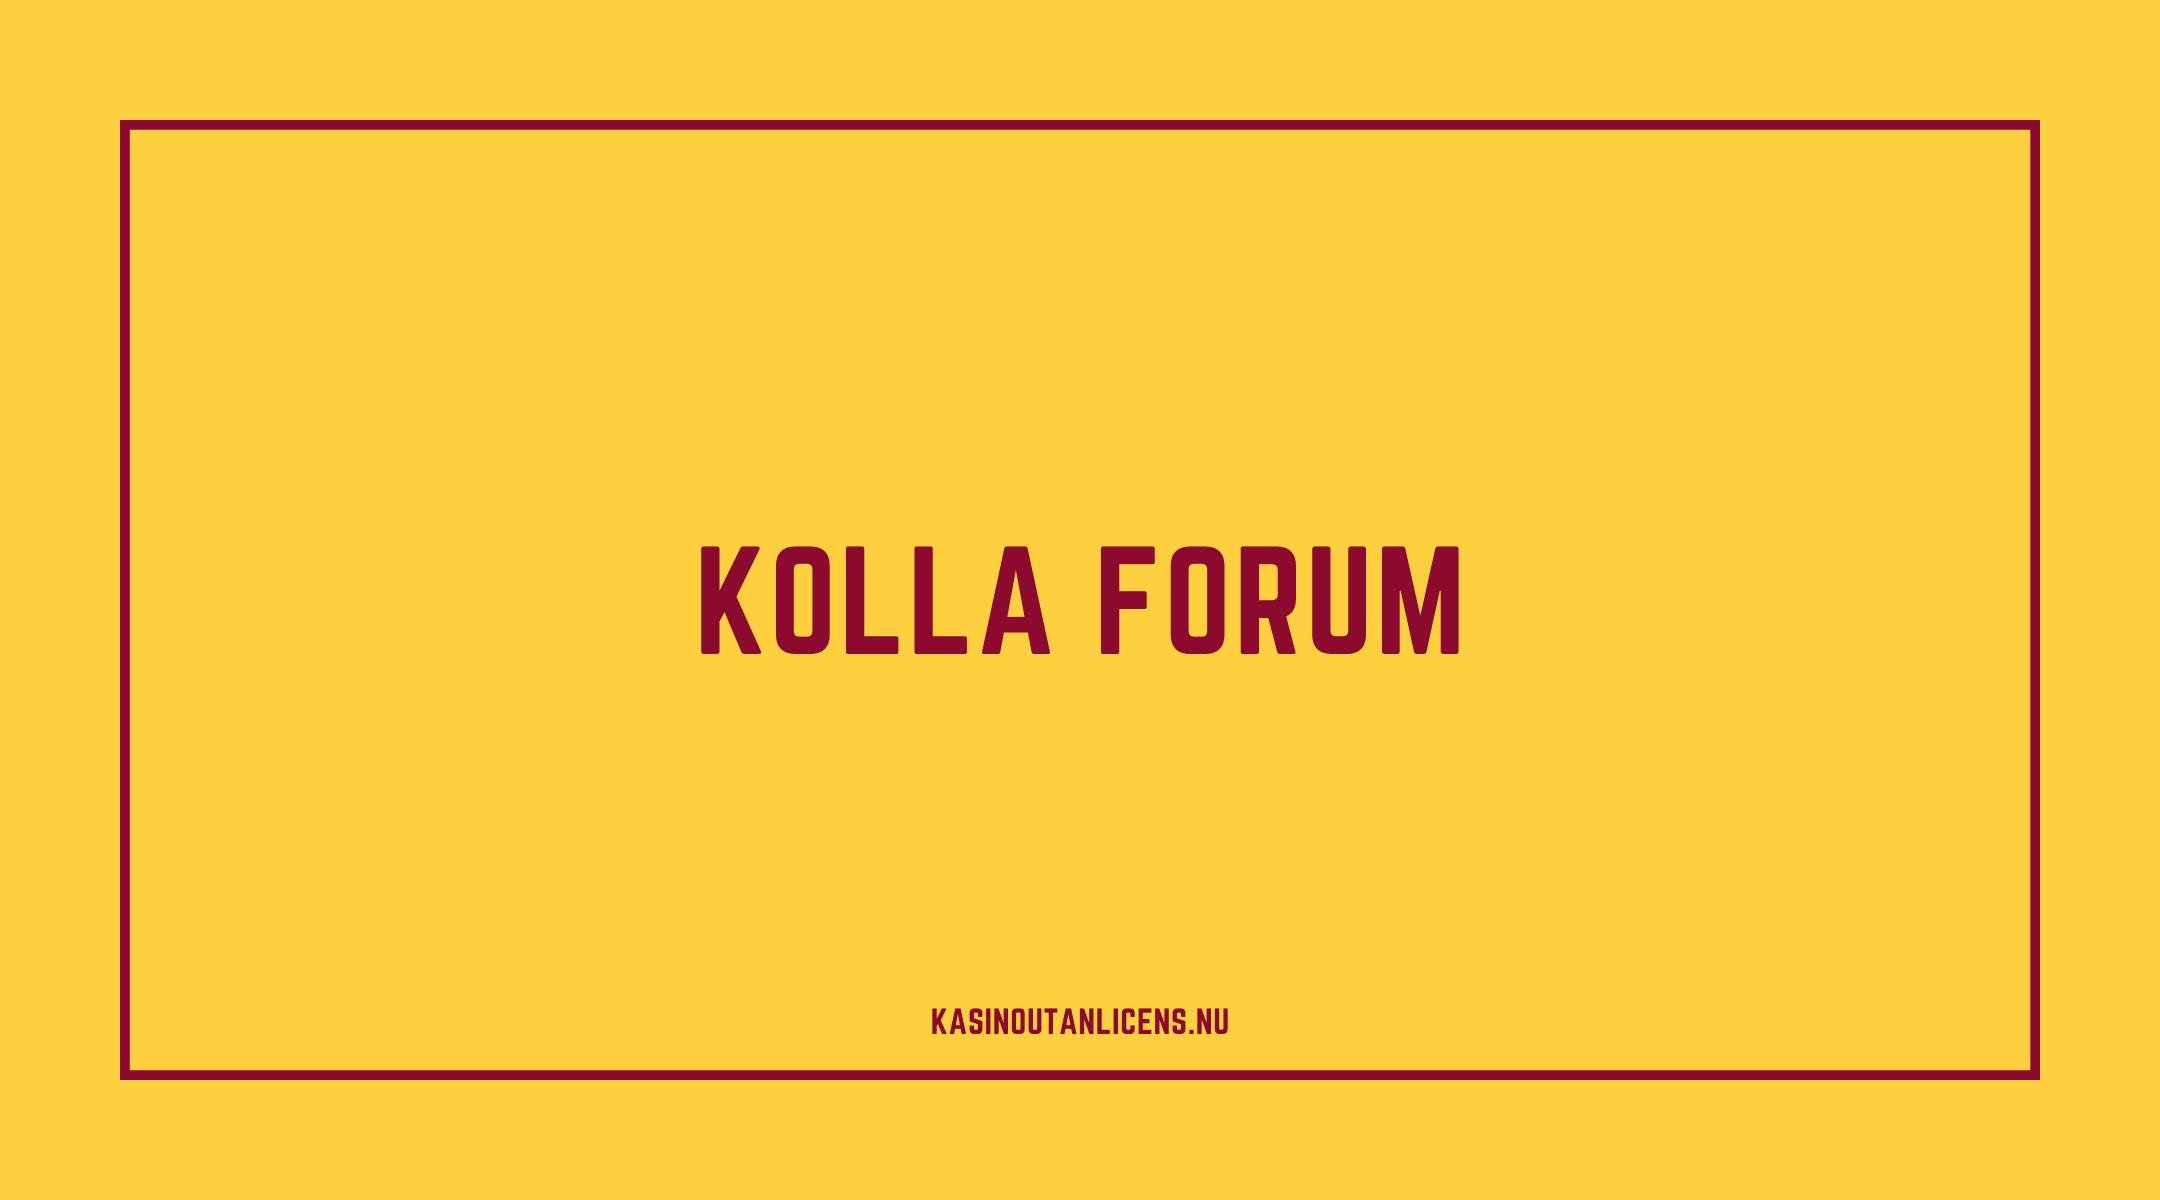 kolla forum